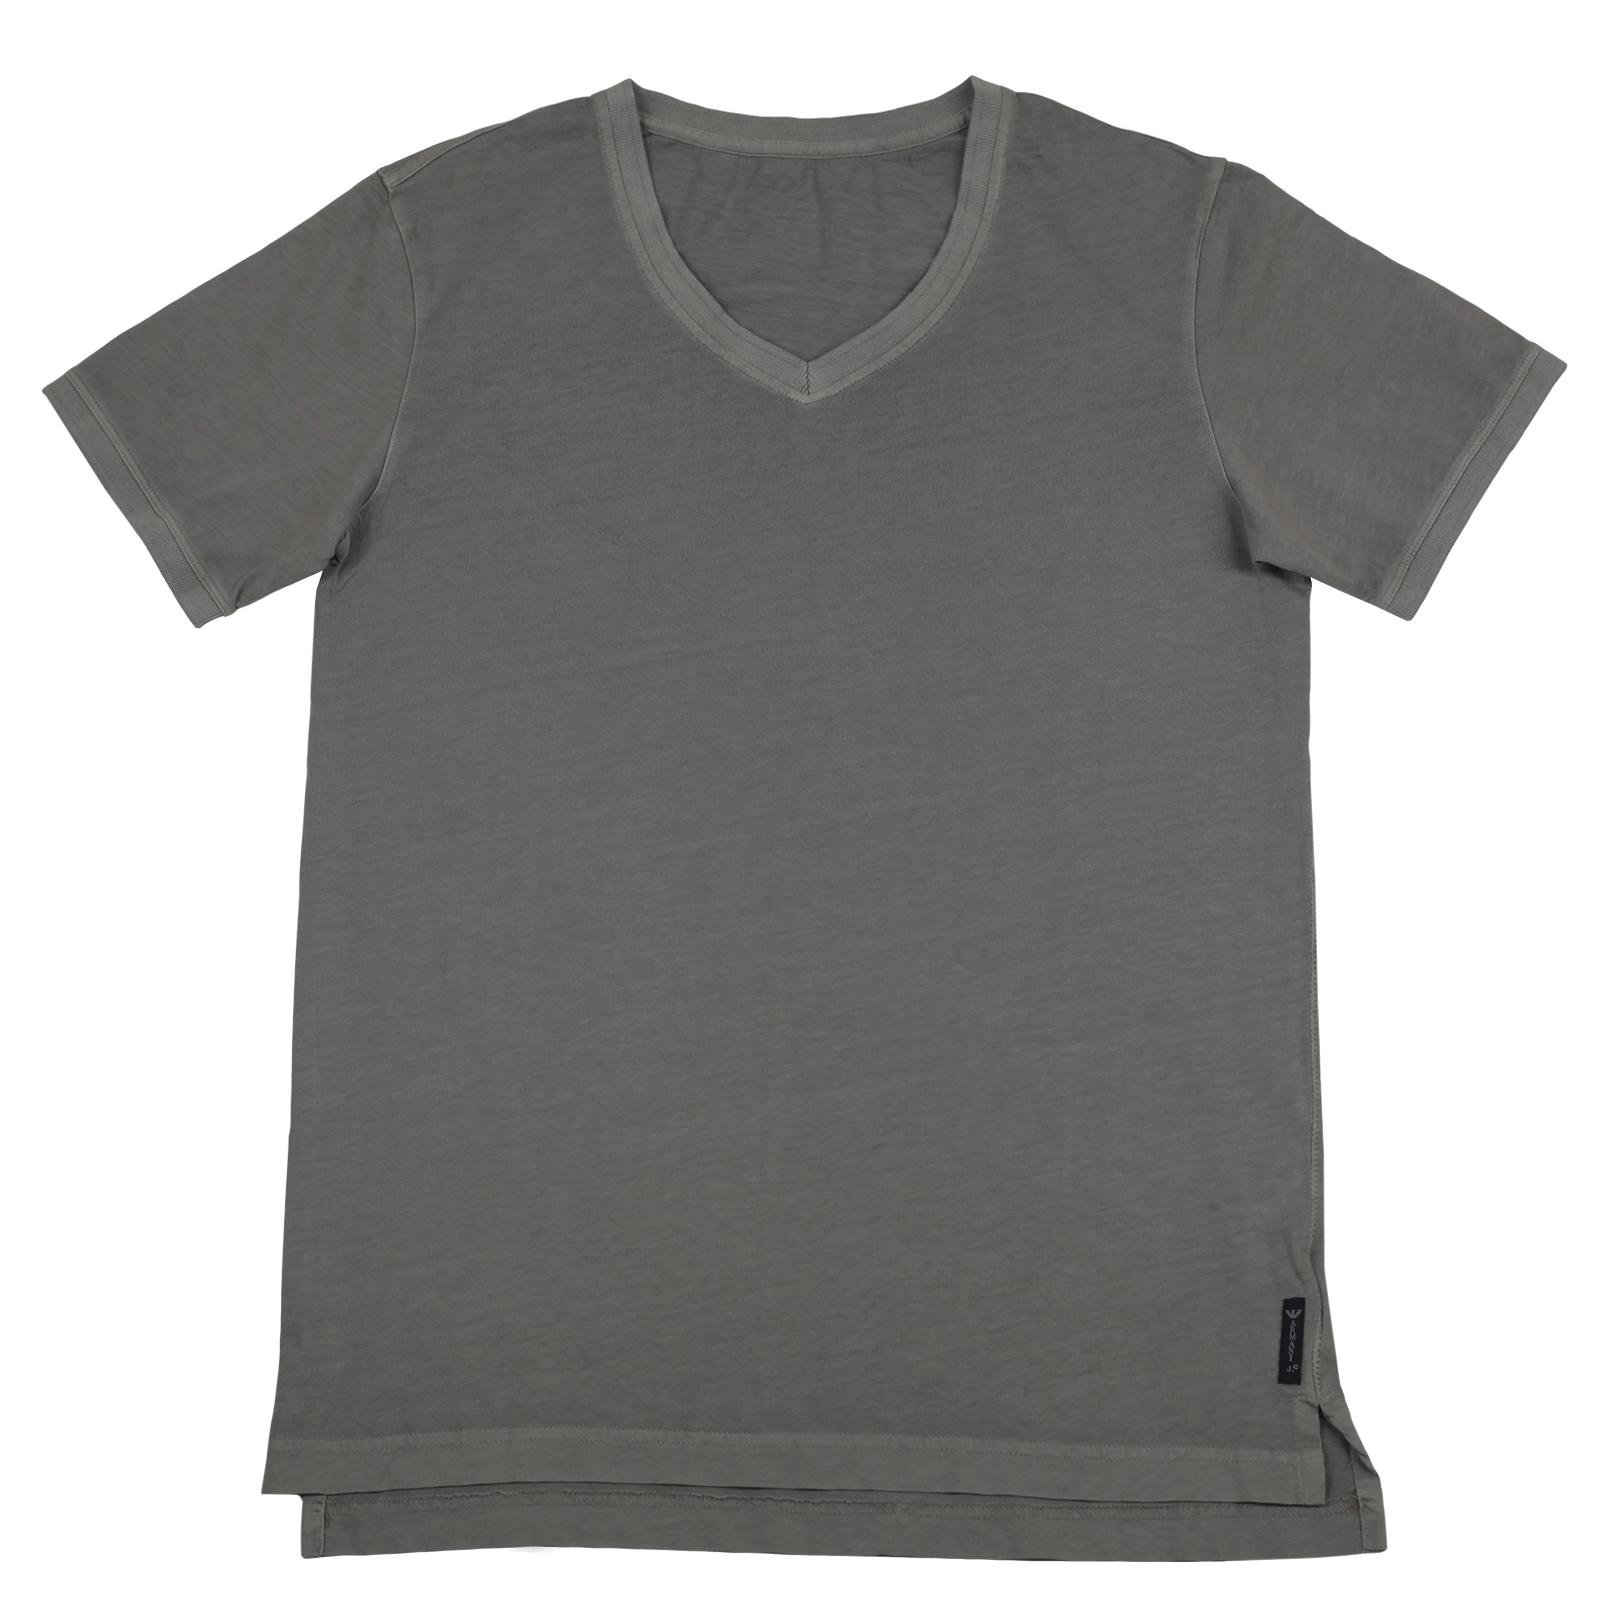 Серая мужская футболка из хлопка. Модель модной длины с V-образным вырезом